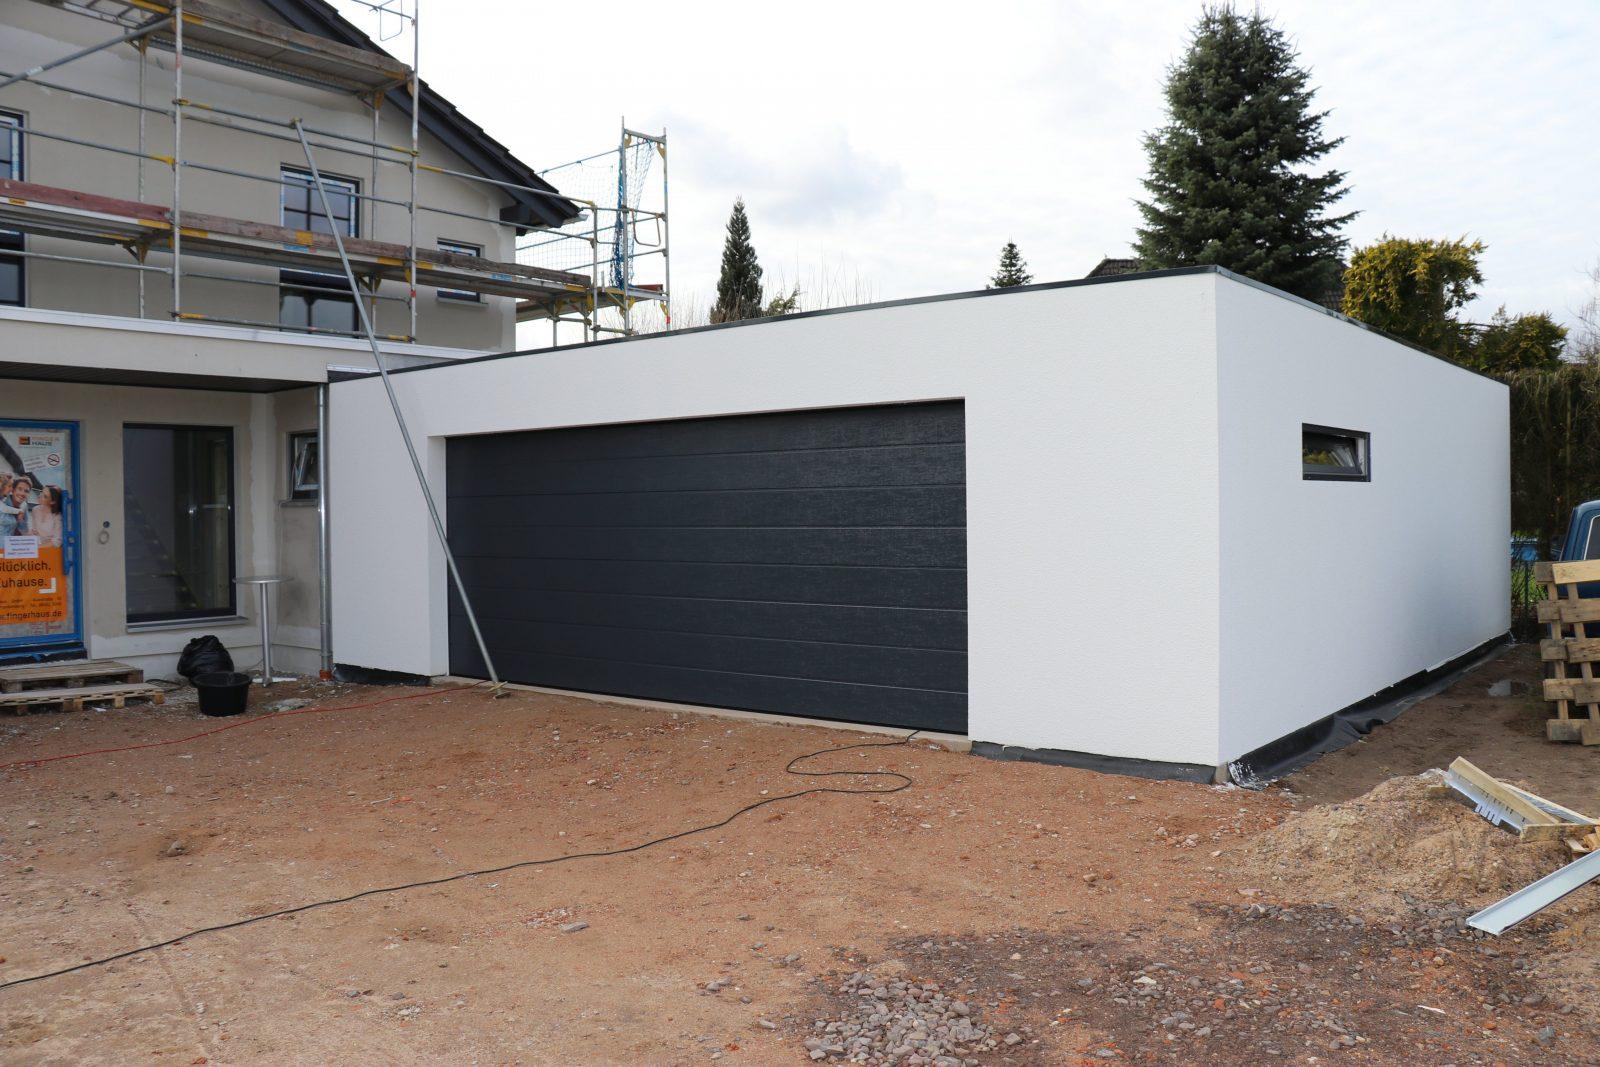 Garagen In Der Holzstanderbauweise Aus Deutschland Von Pultdach